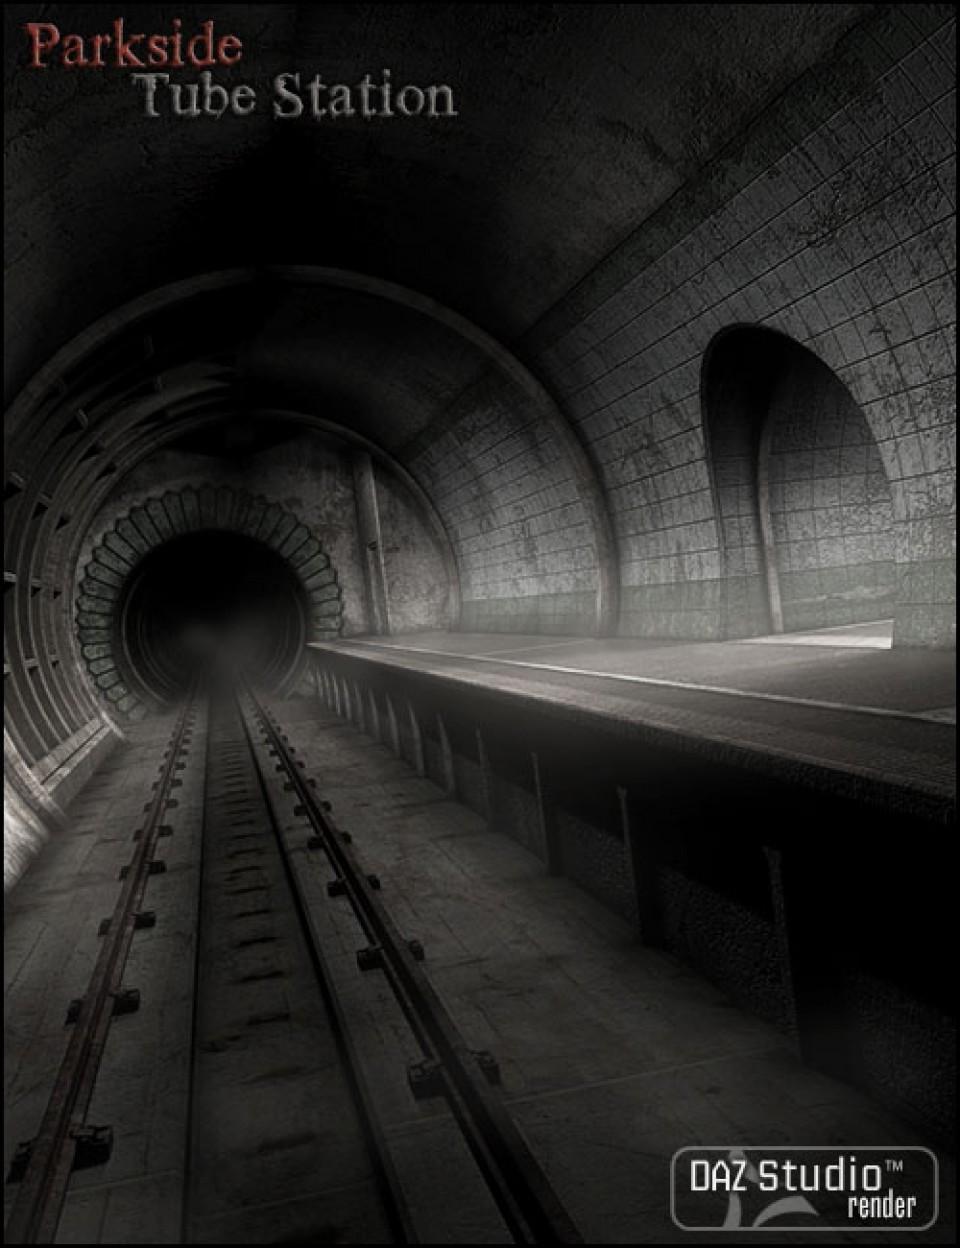 Parkside Tube Station